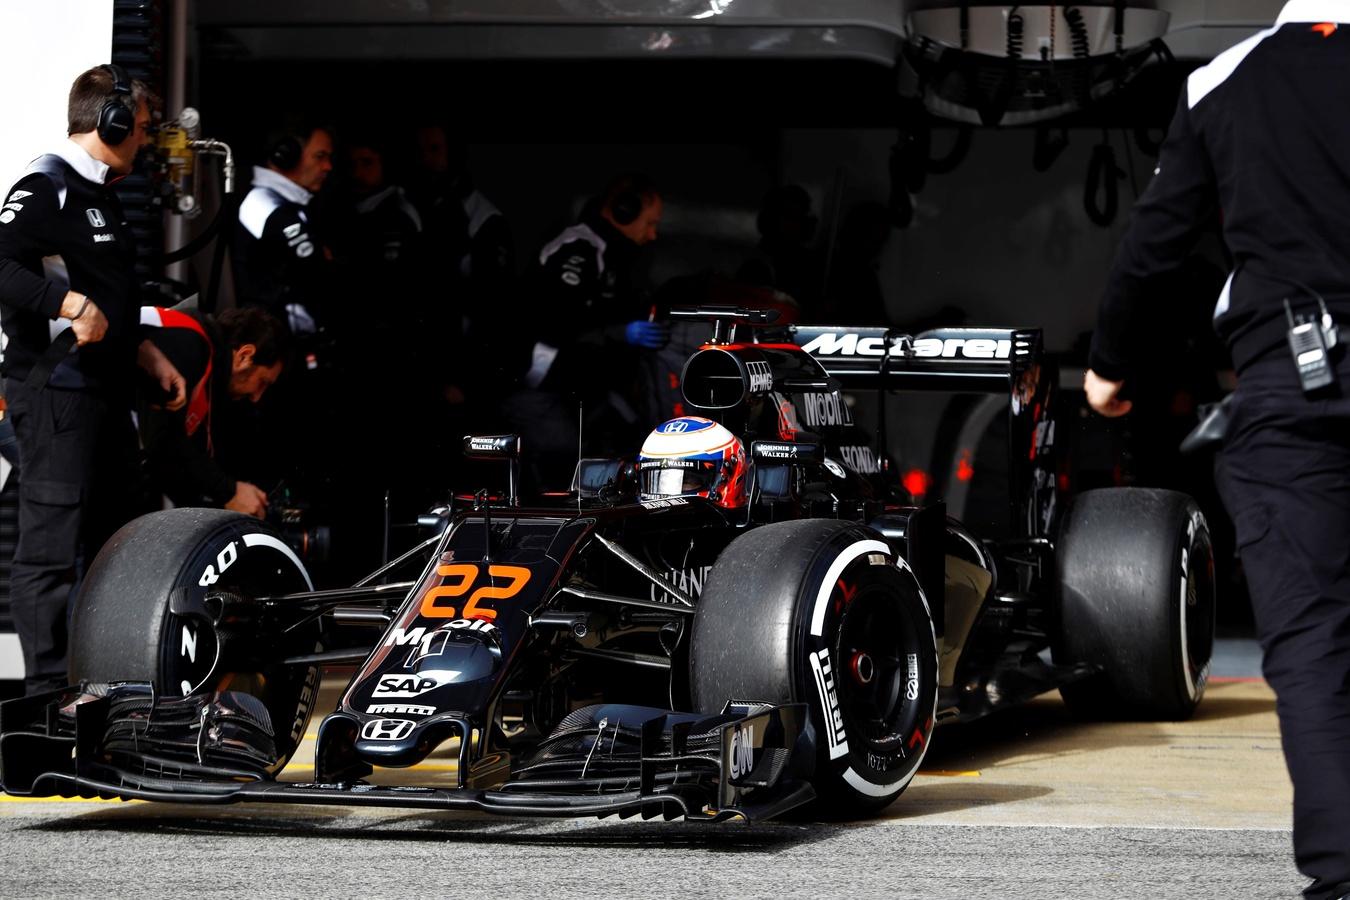 McLaren Racing - How to build a Formula 1 car | Part 2